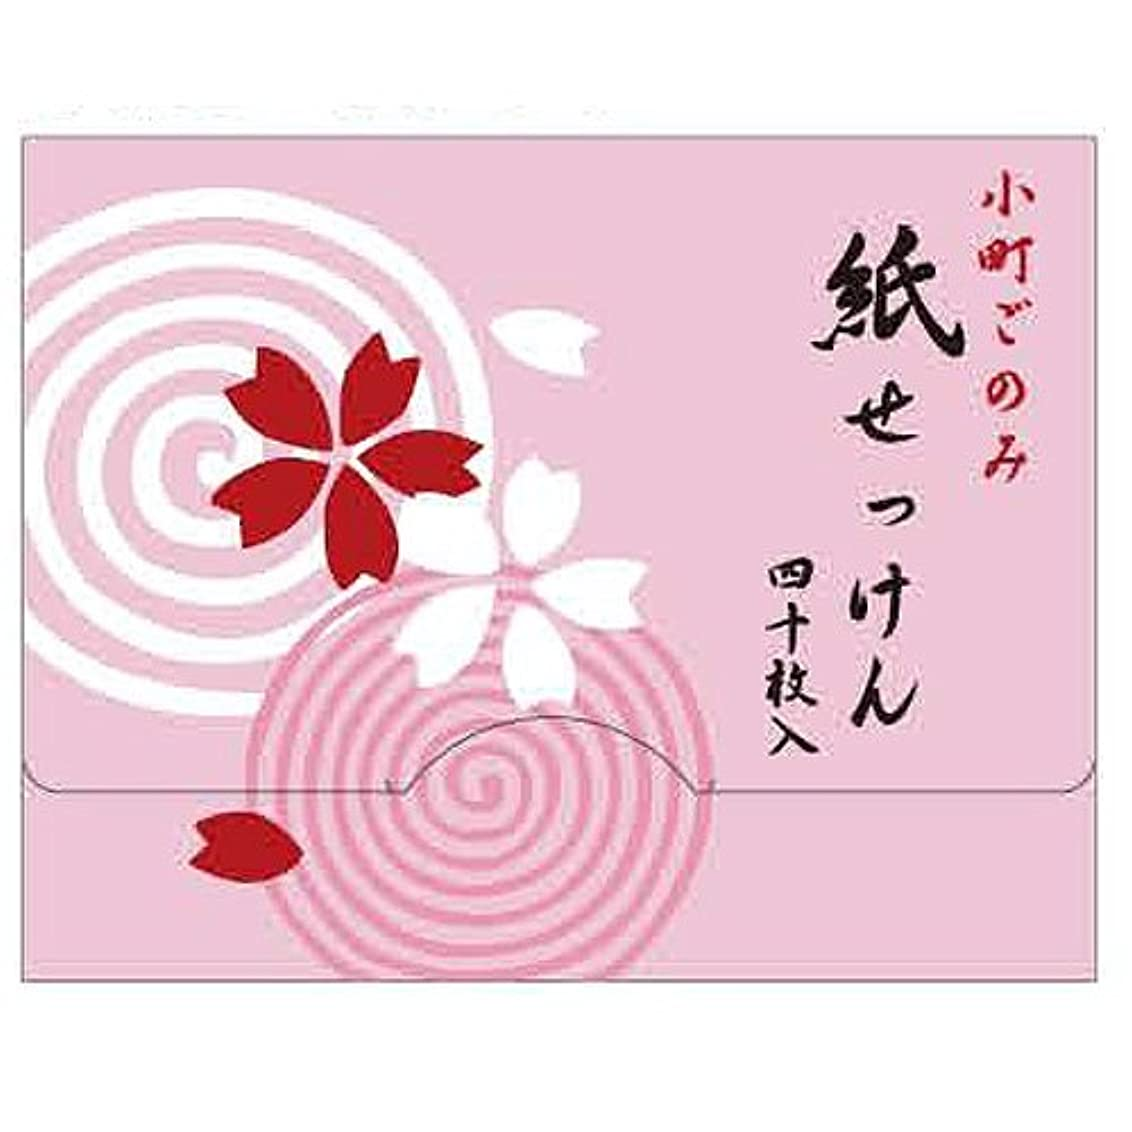 読みやすいアジア舗装紙せっけん 昔懐かしいシャボンの香り 40枚入り 種類:桜 22-278